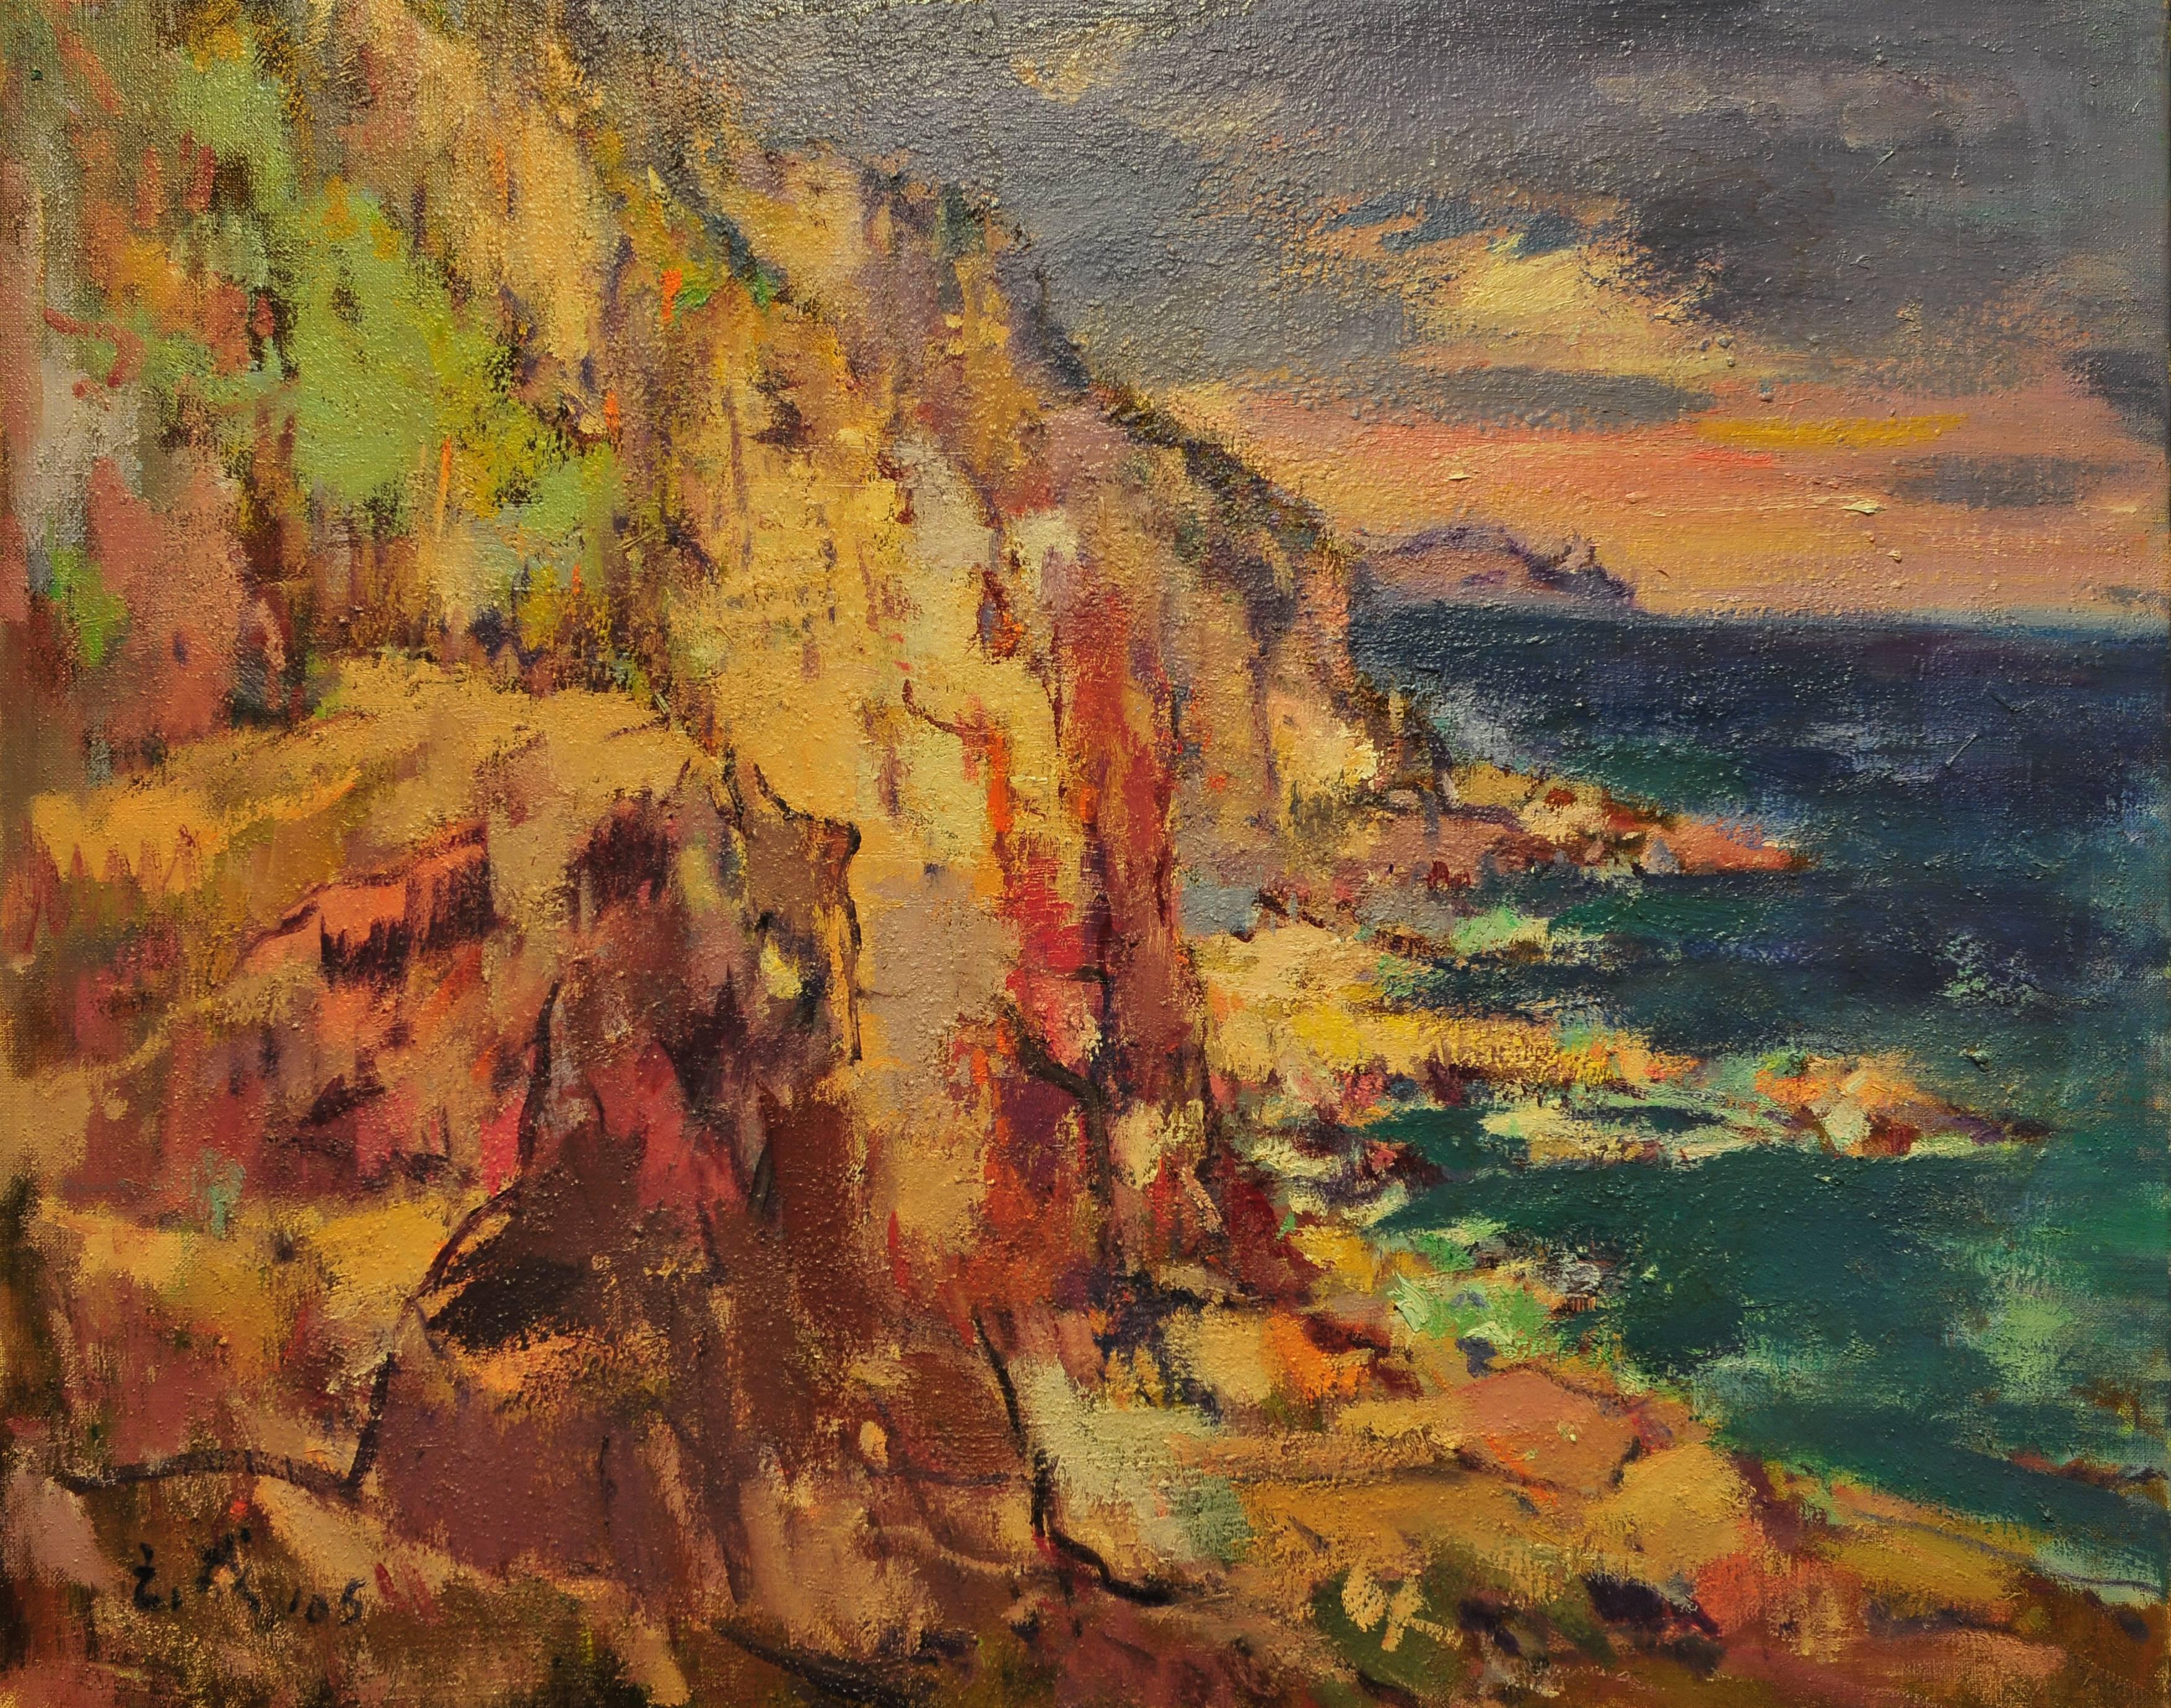 黃玉成|龍洞崖|2005|油彩|60.5x72.5cm